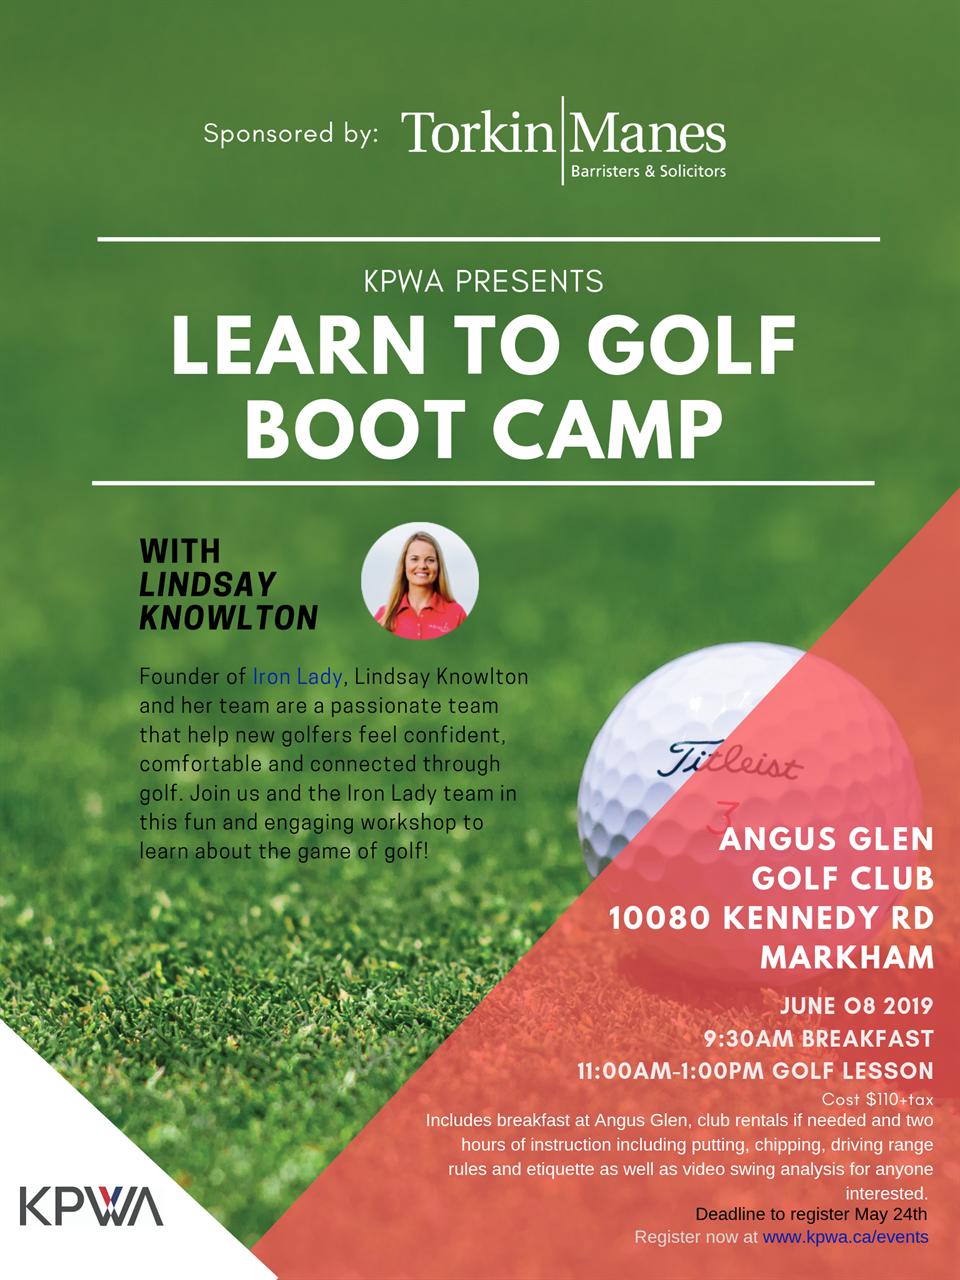 KPWA Golf